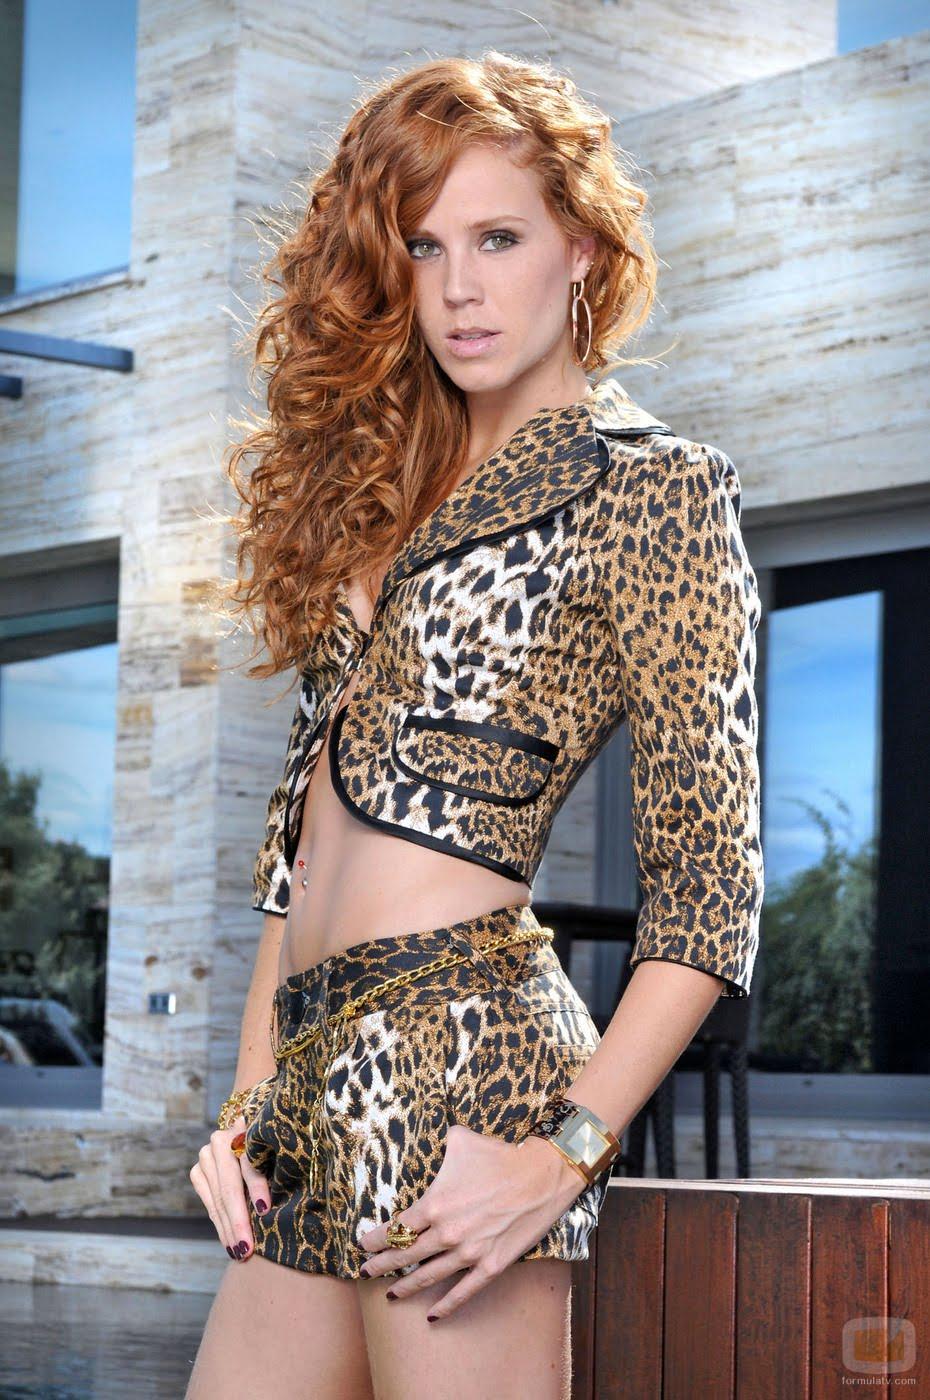 http://2.bp.blogspot.com/_kn3XaibZ_Mo/S-q1ee1sIwI/AAAAAAAAABg/LznFGJ-iU9U/s1600/12540_maria-castro.jpg